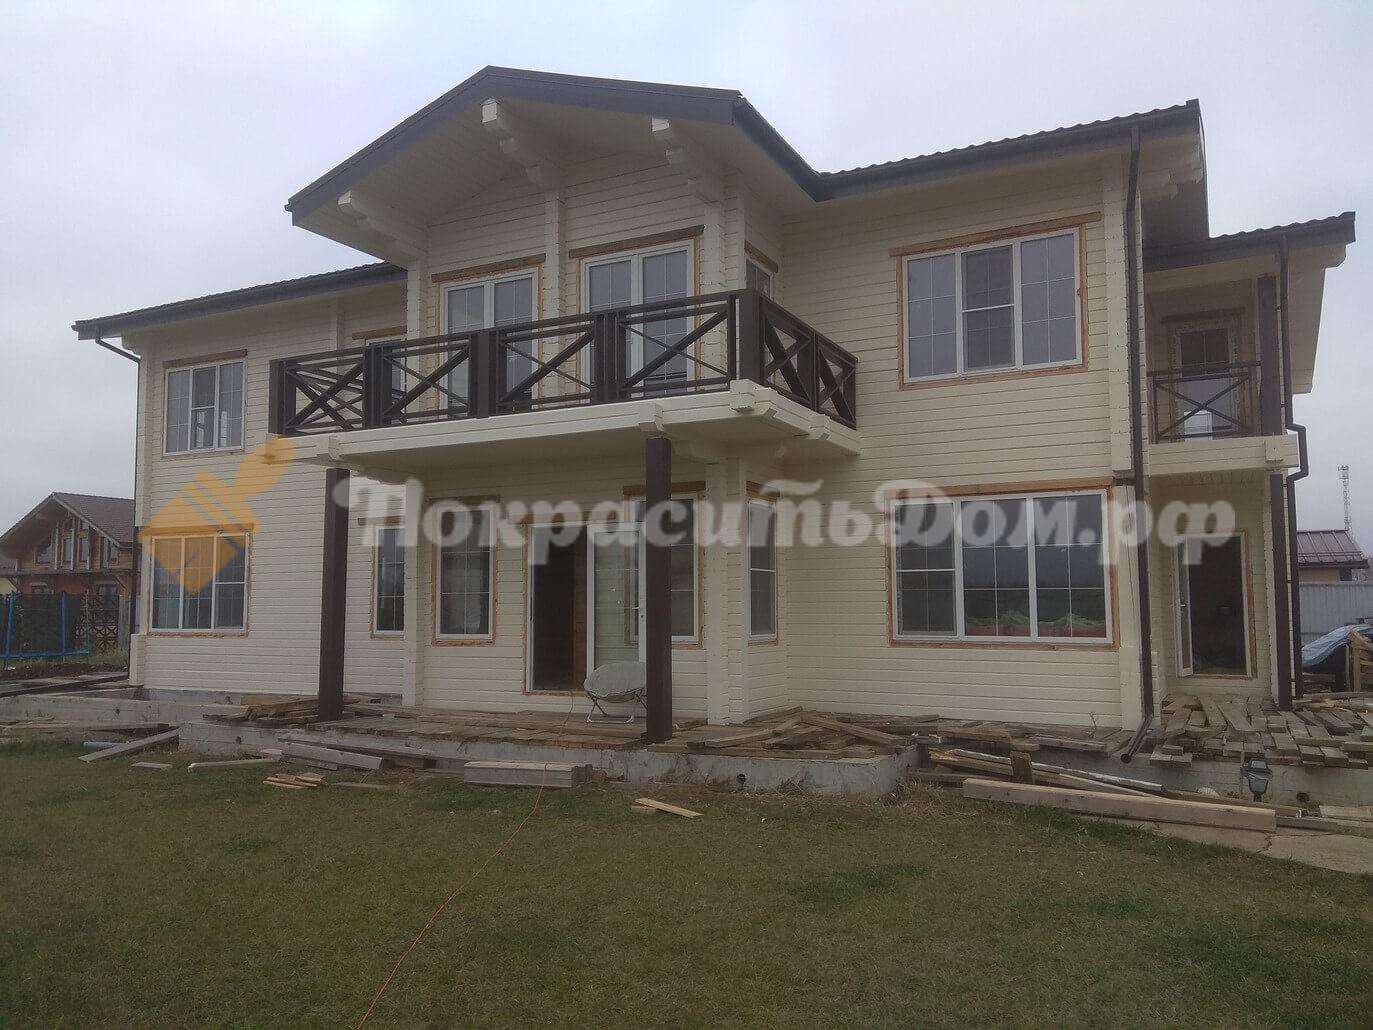 Покраска фасада дома и шлифовка в 1 проход внутренних помещений